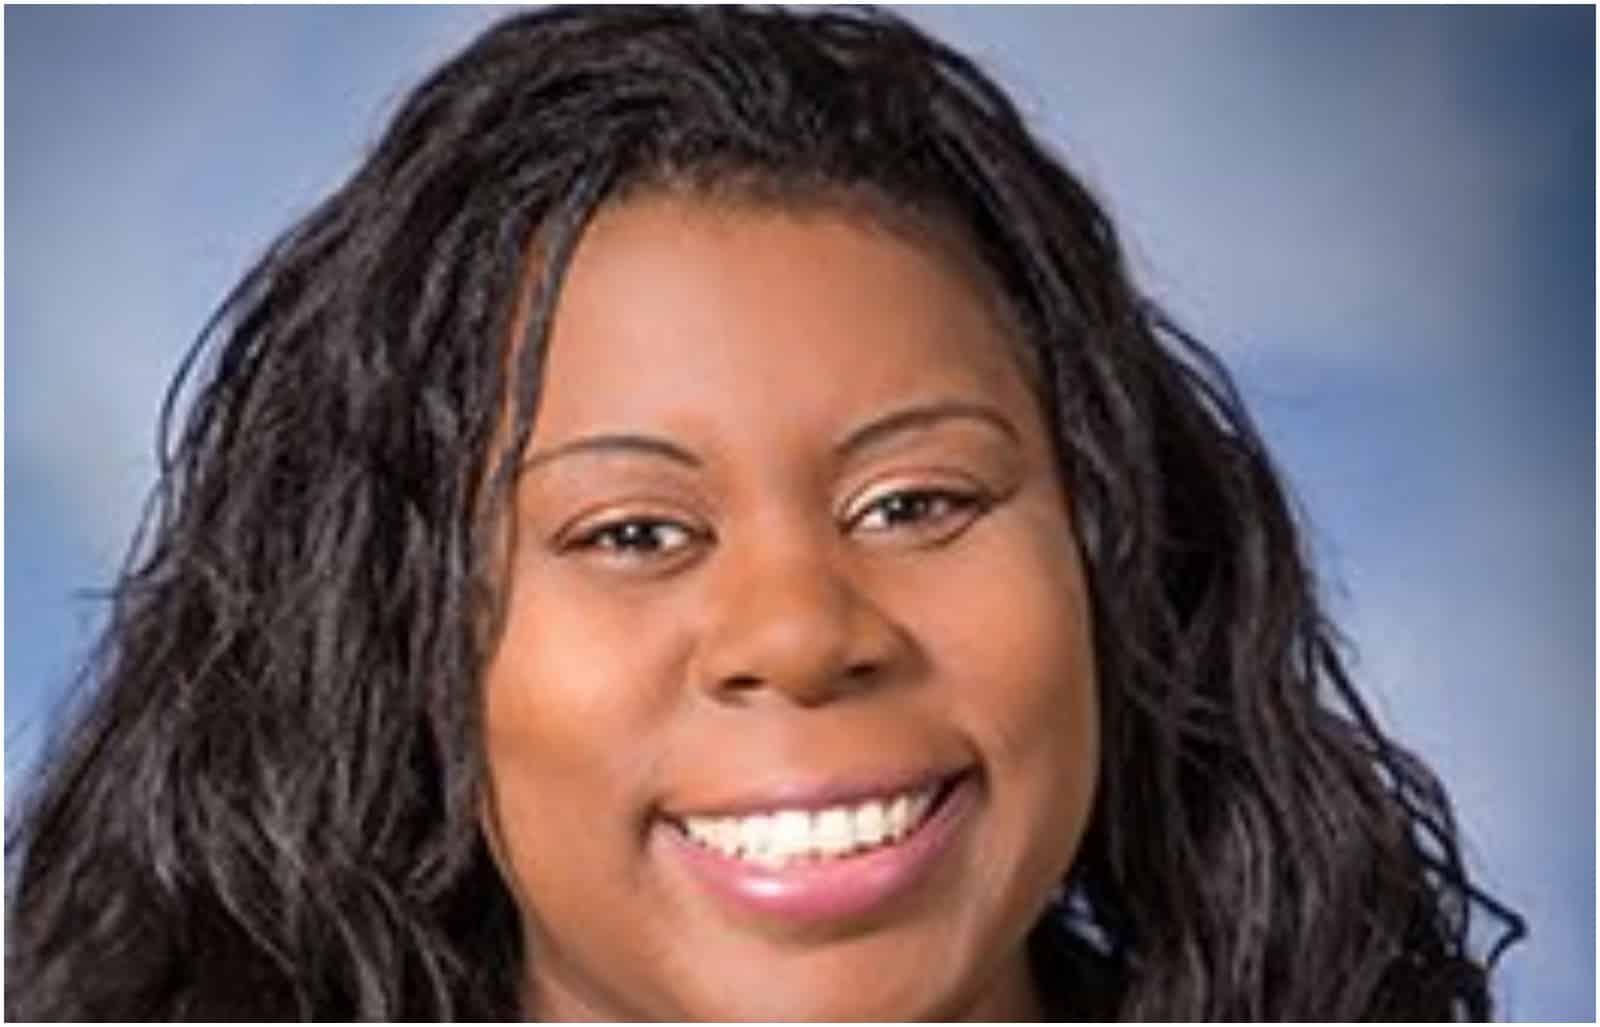 Dr. Tamara O'Neal, Chicago, hospital shooting